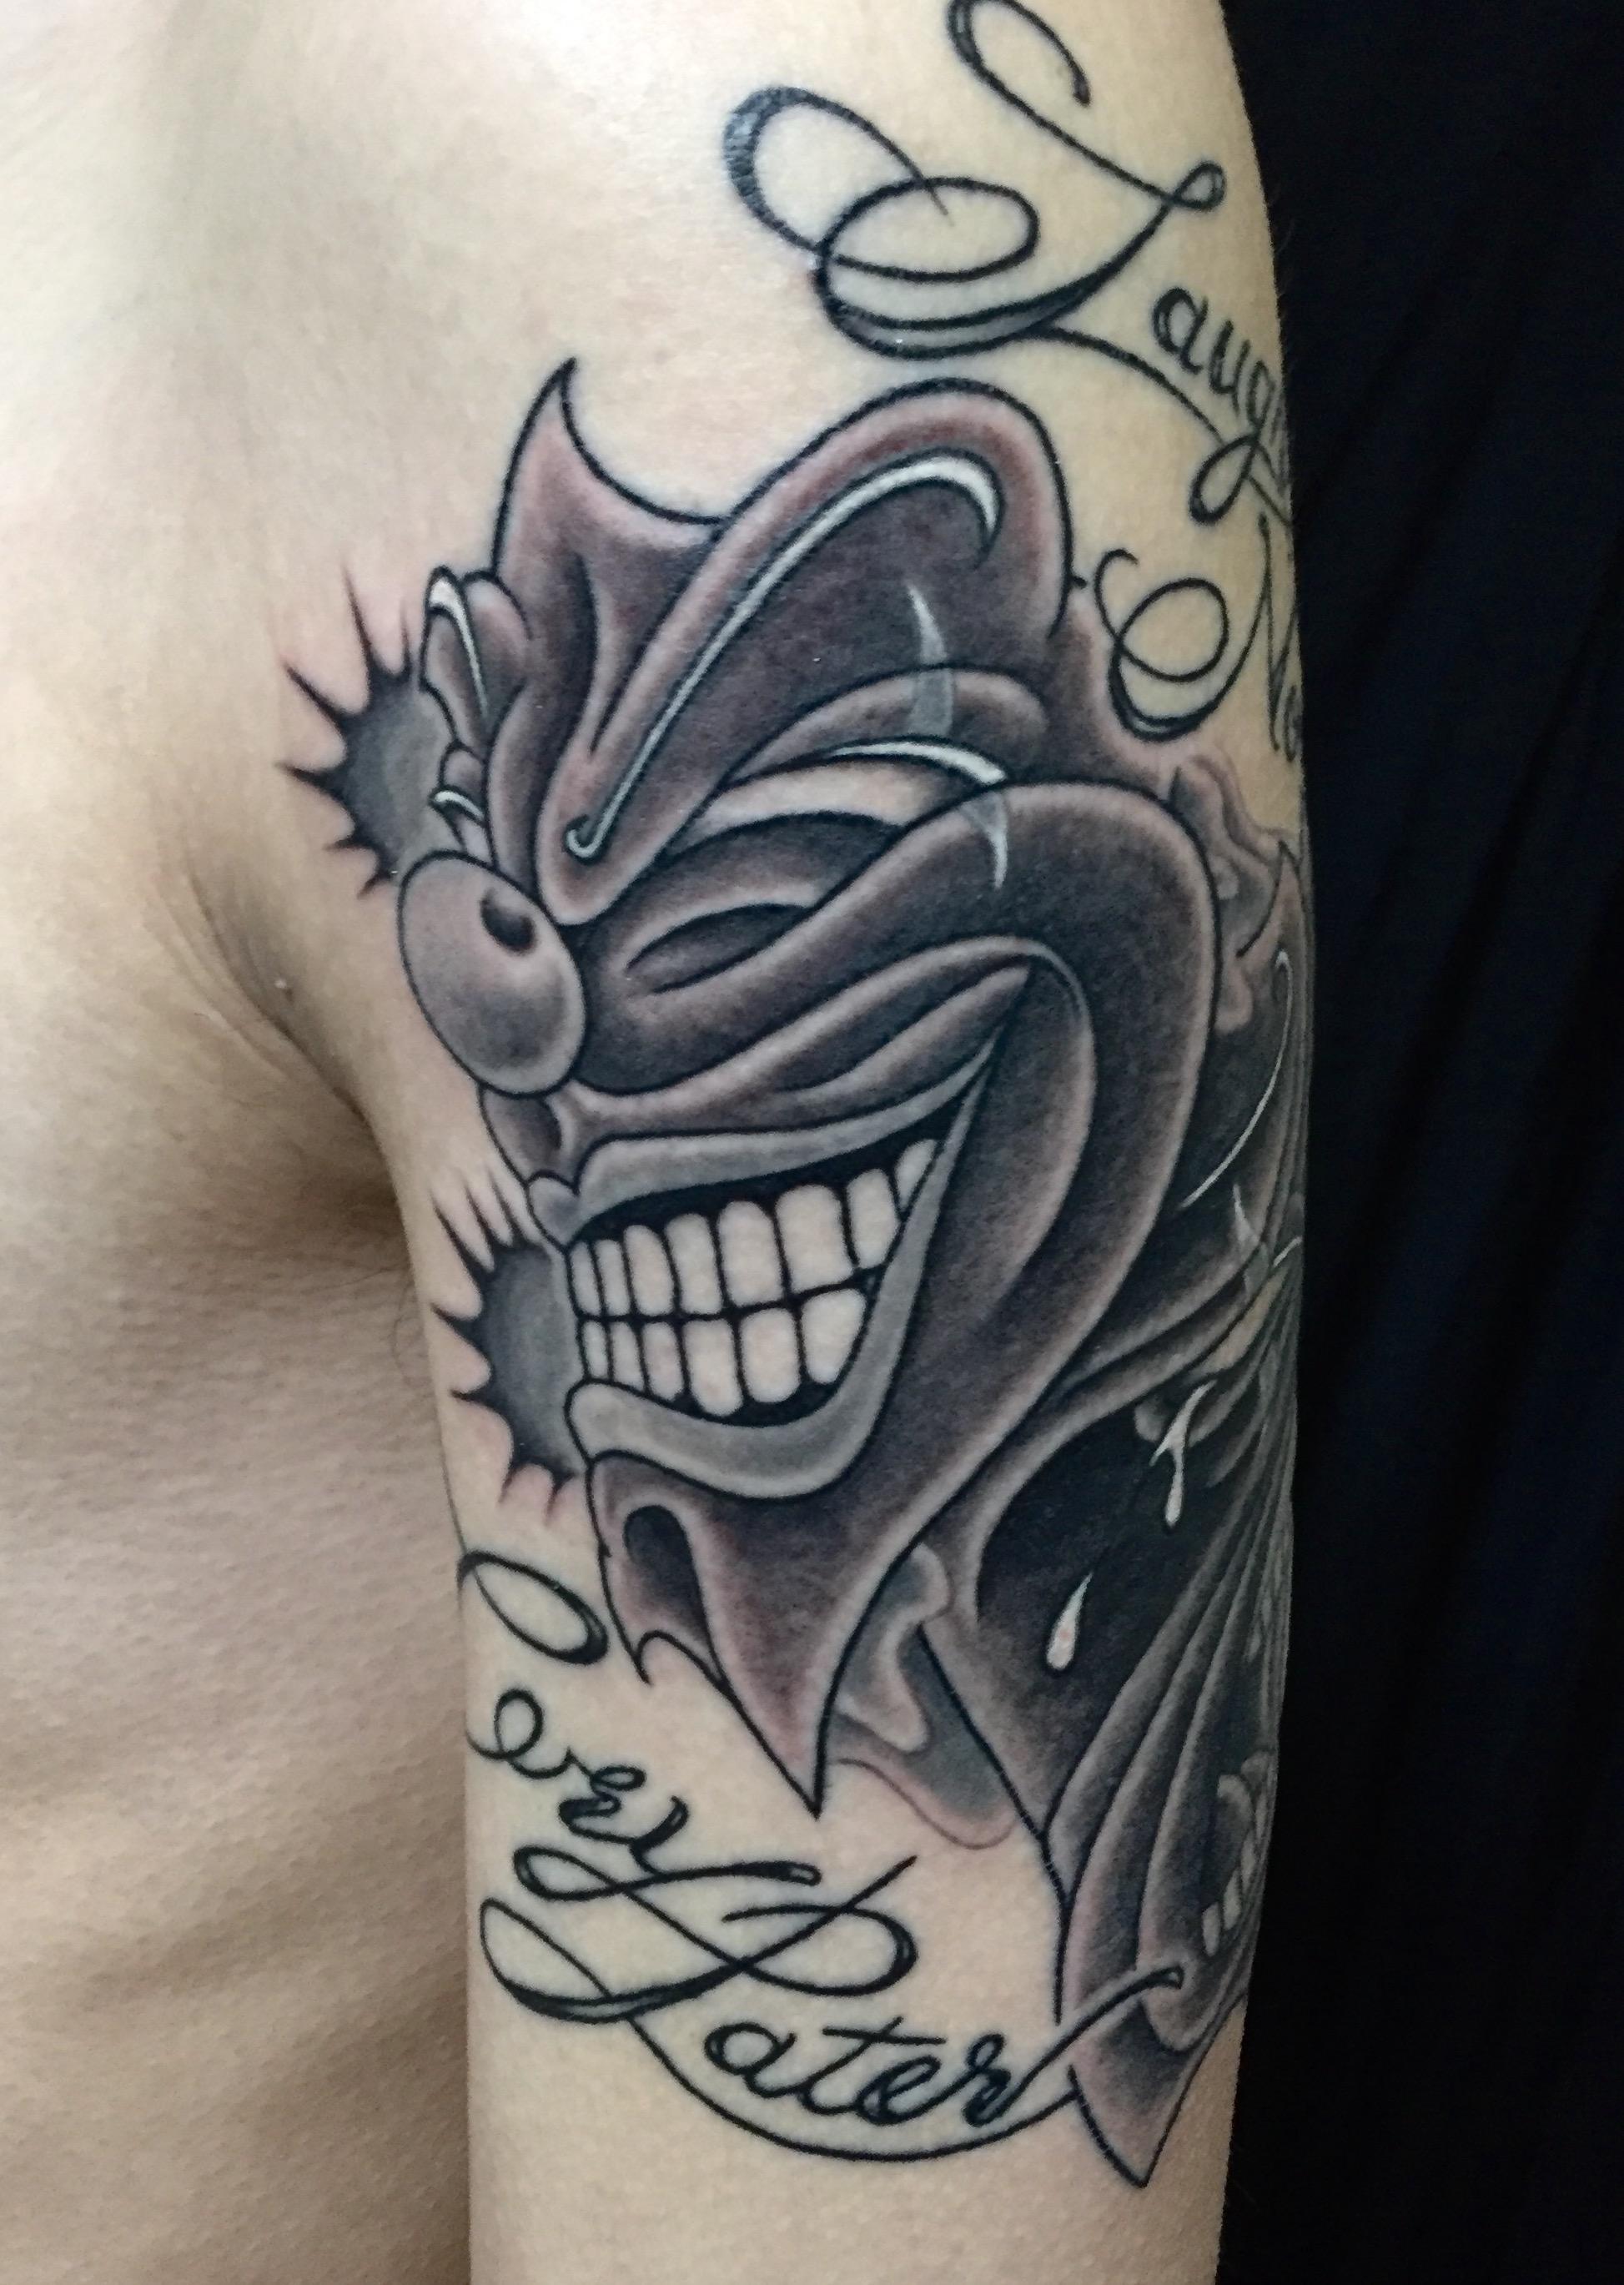 腕 肩 二の腕 ツーフェイス ブラックアンドグレー タトゥー